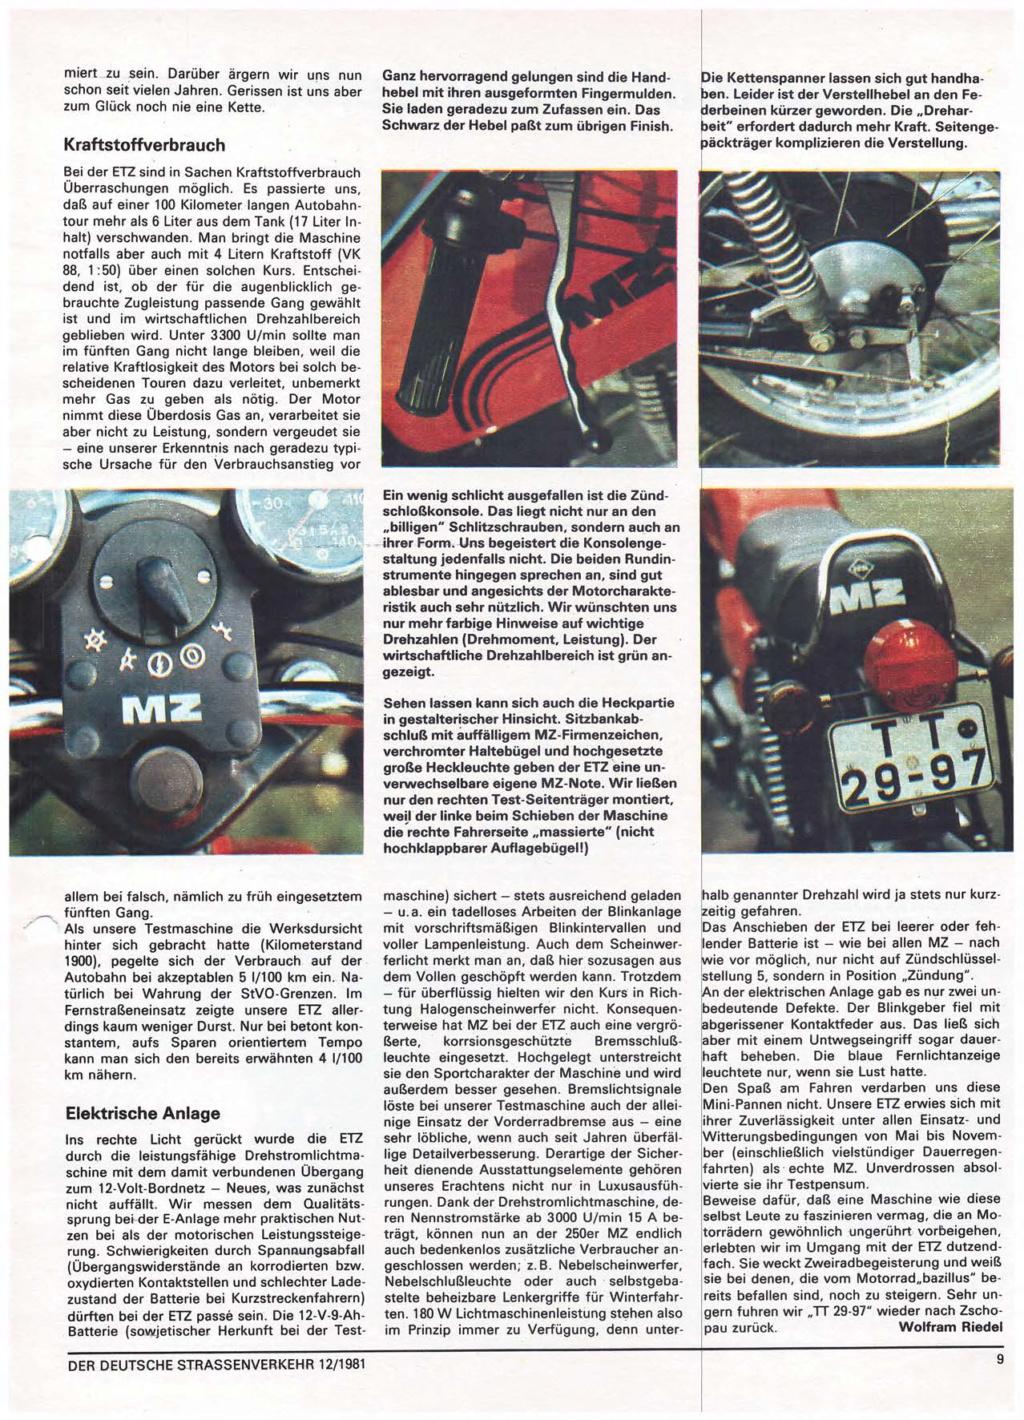 Test ETZ 250 Der deutsche Strassenverkehr, n° 12/1981) Der-de18